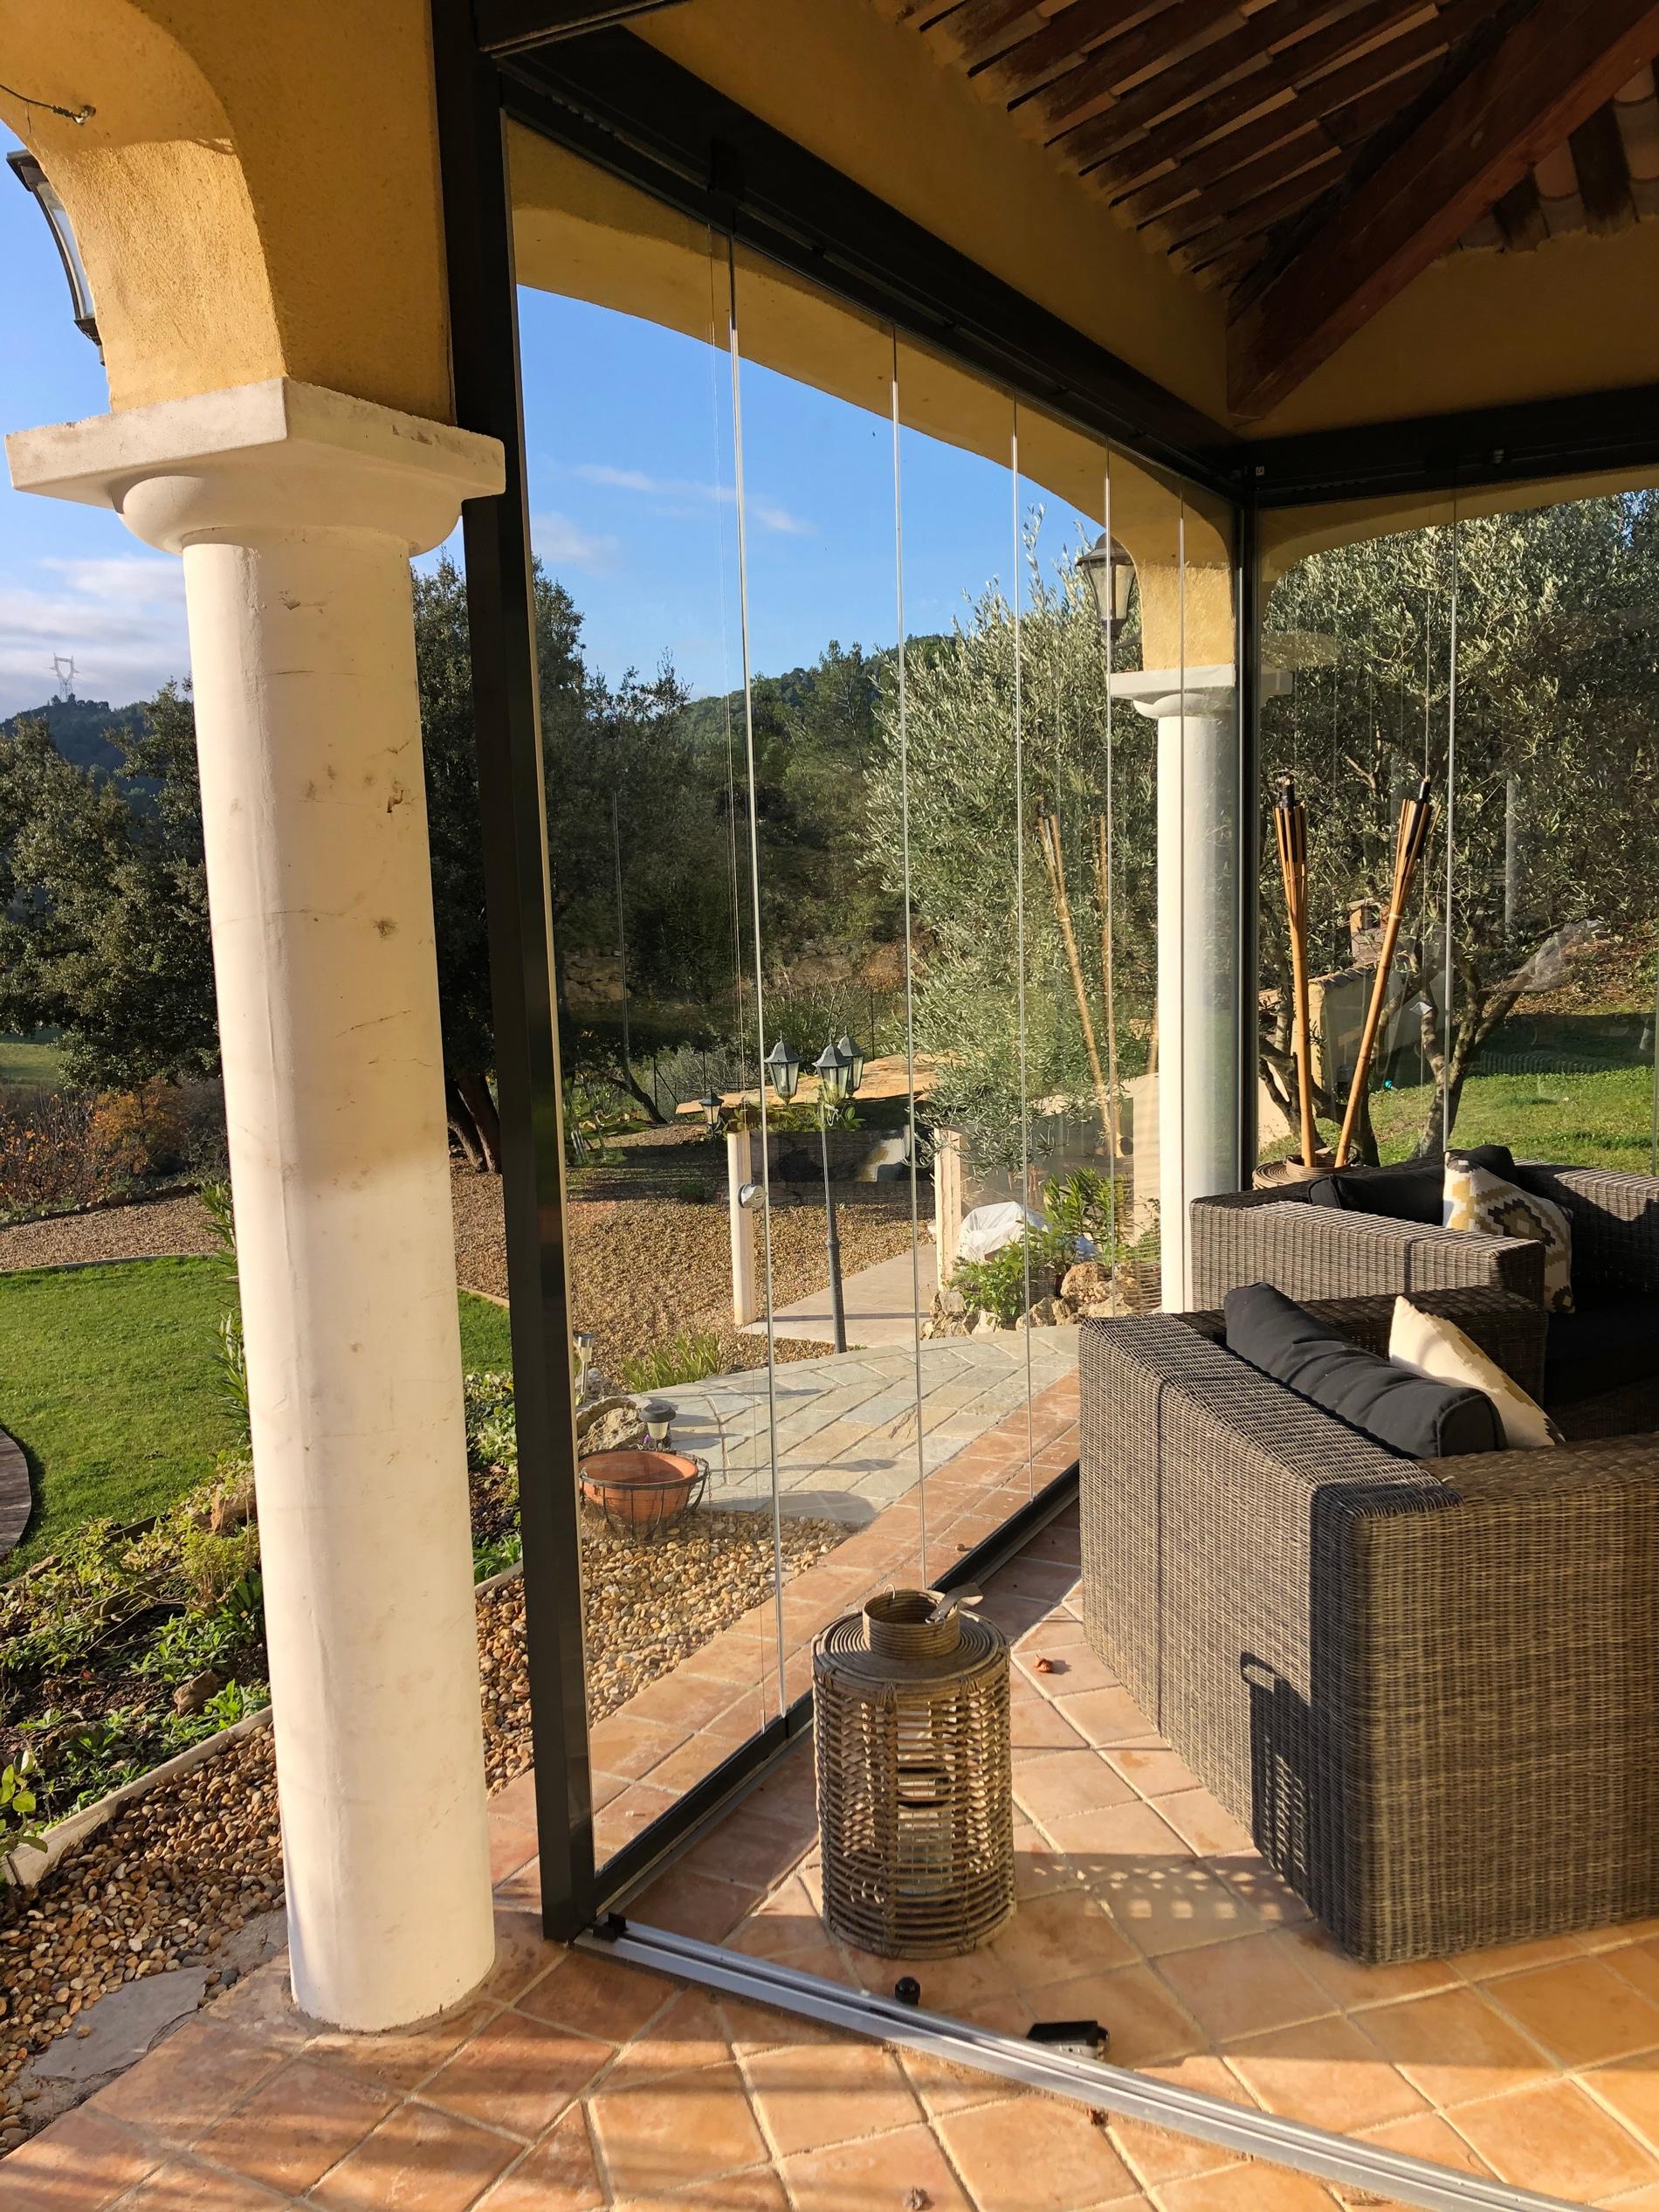 Schiebe-Dreh-Systeme Glas für außen